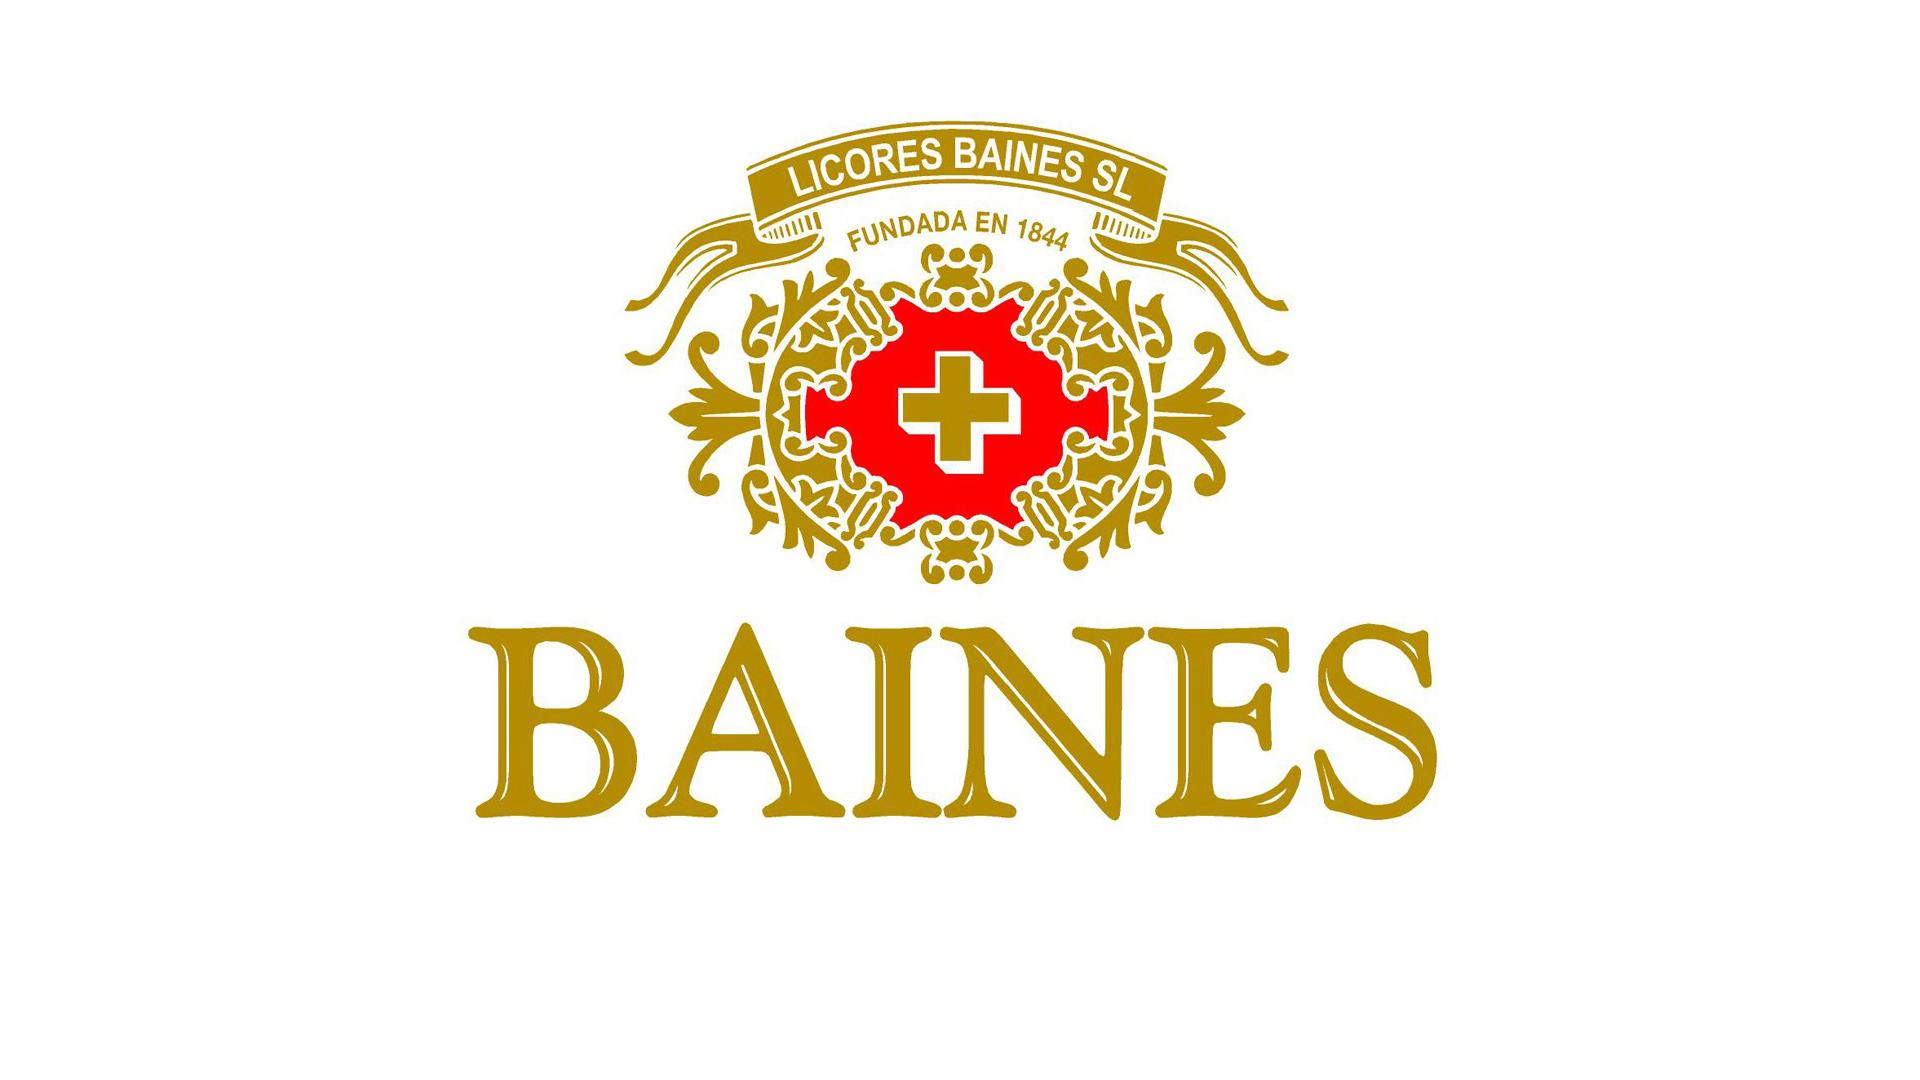 Publicidad para Baines